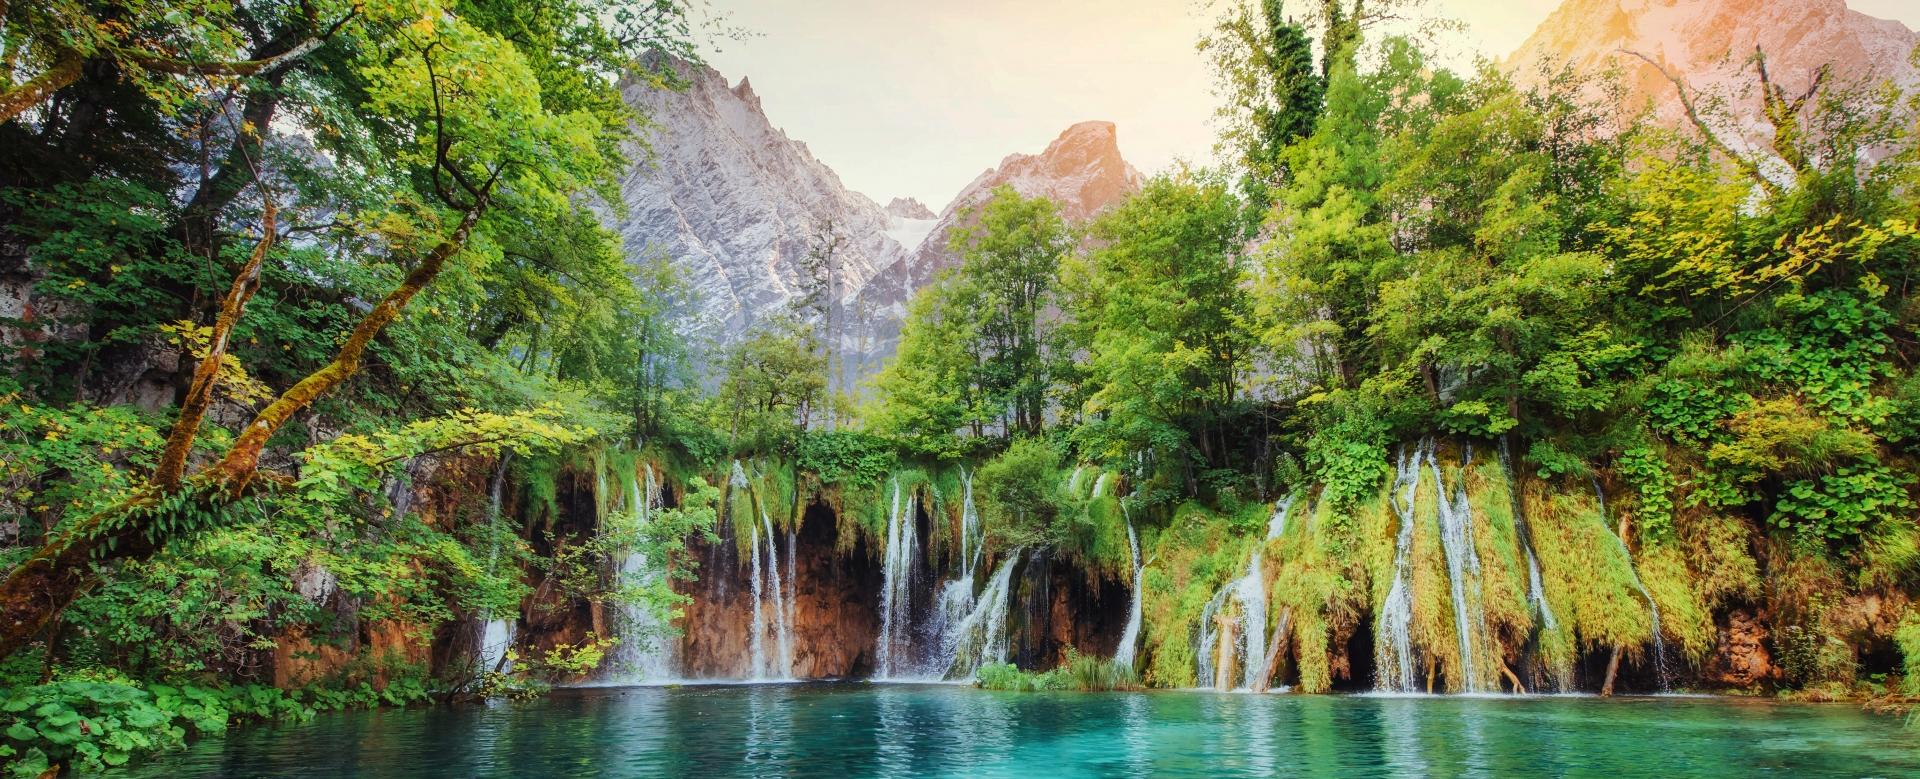 Voyage à pied : Authentiques parcs nationaux de croatie